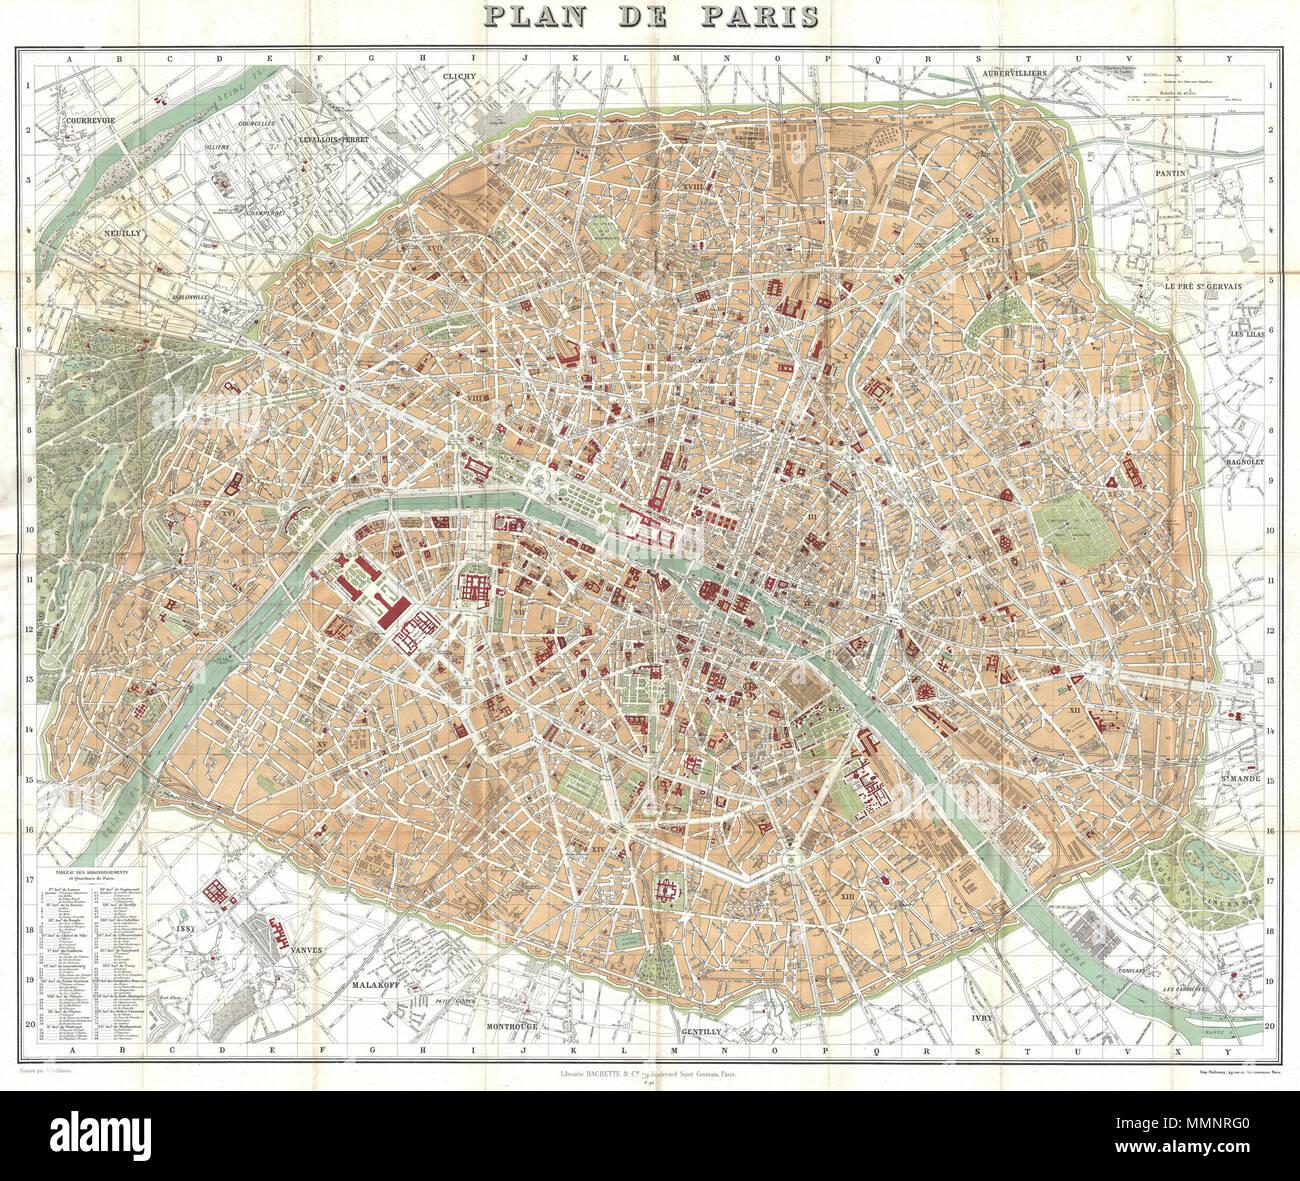 Cartina Politica Di Parigi.Mappa Tascabile O Piano Di Parigi Immagini E Fotos Stock Alamy